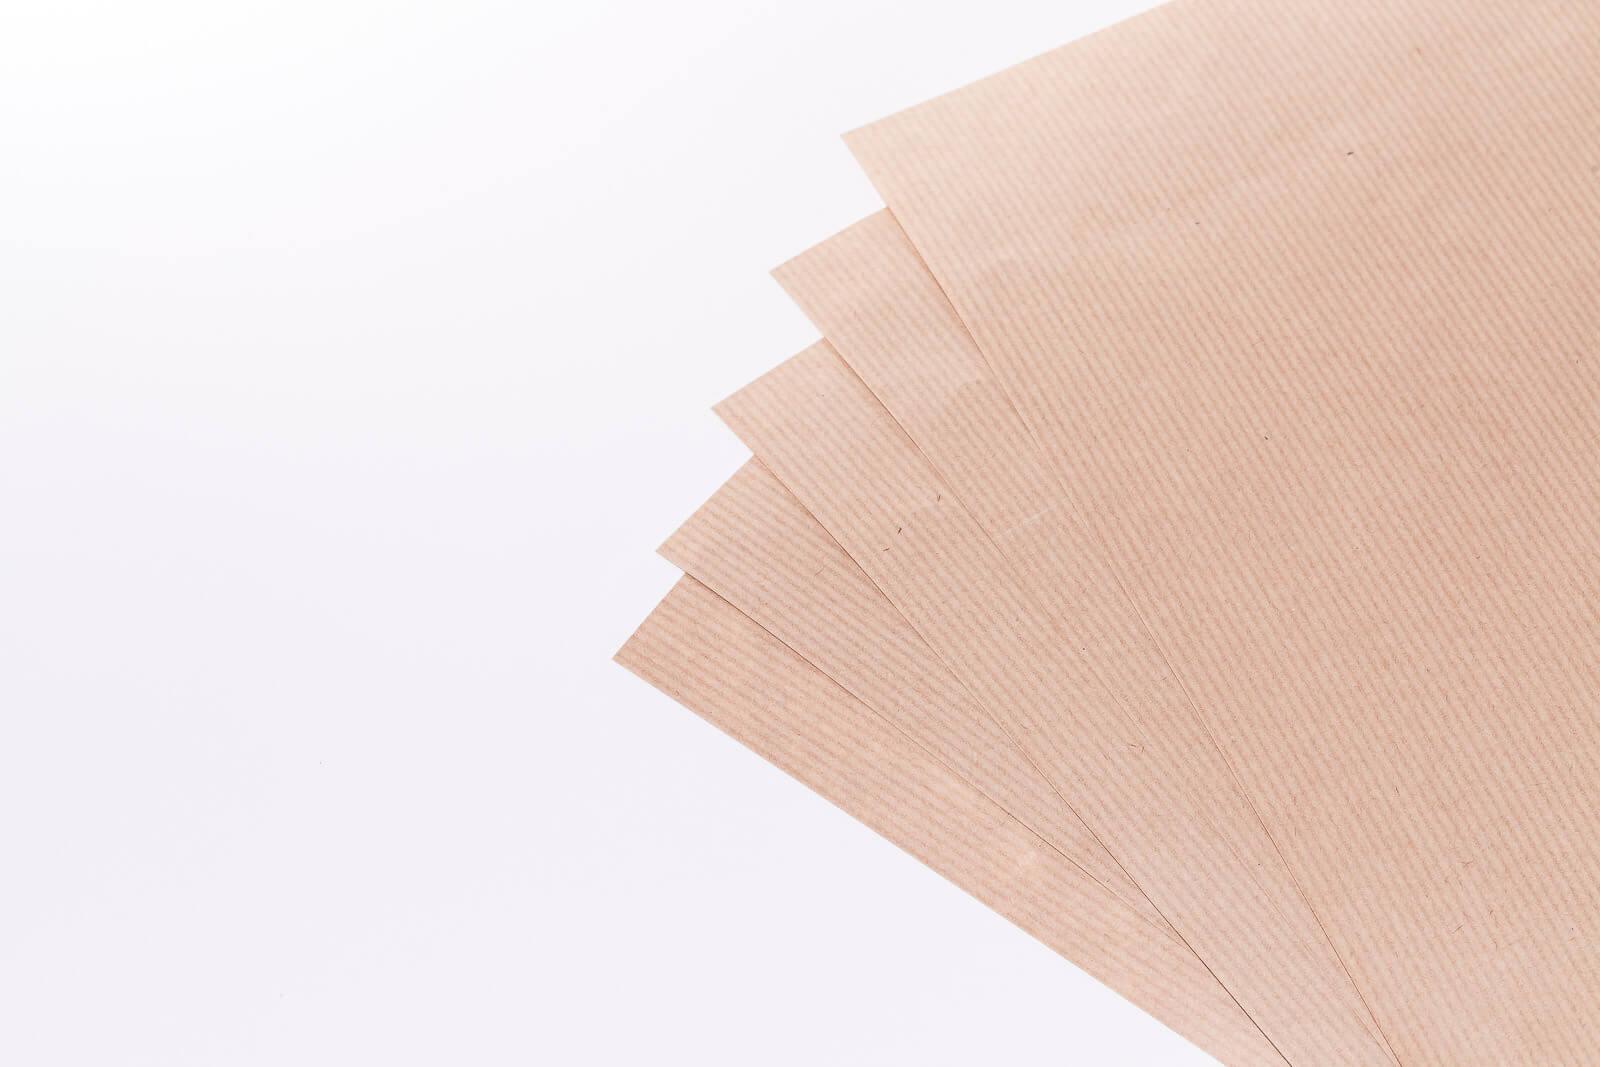 Eine Nahaufnahme von mehreren Bögen braunem Kraftpapier